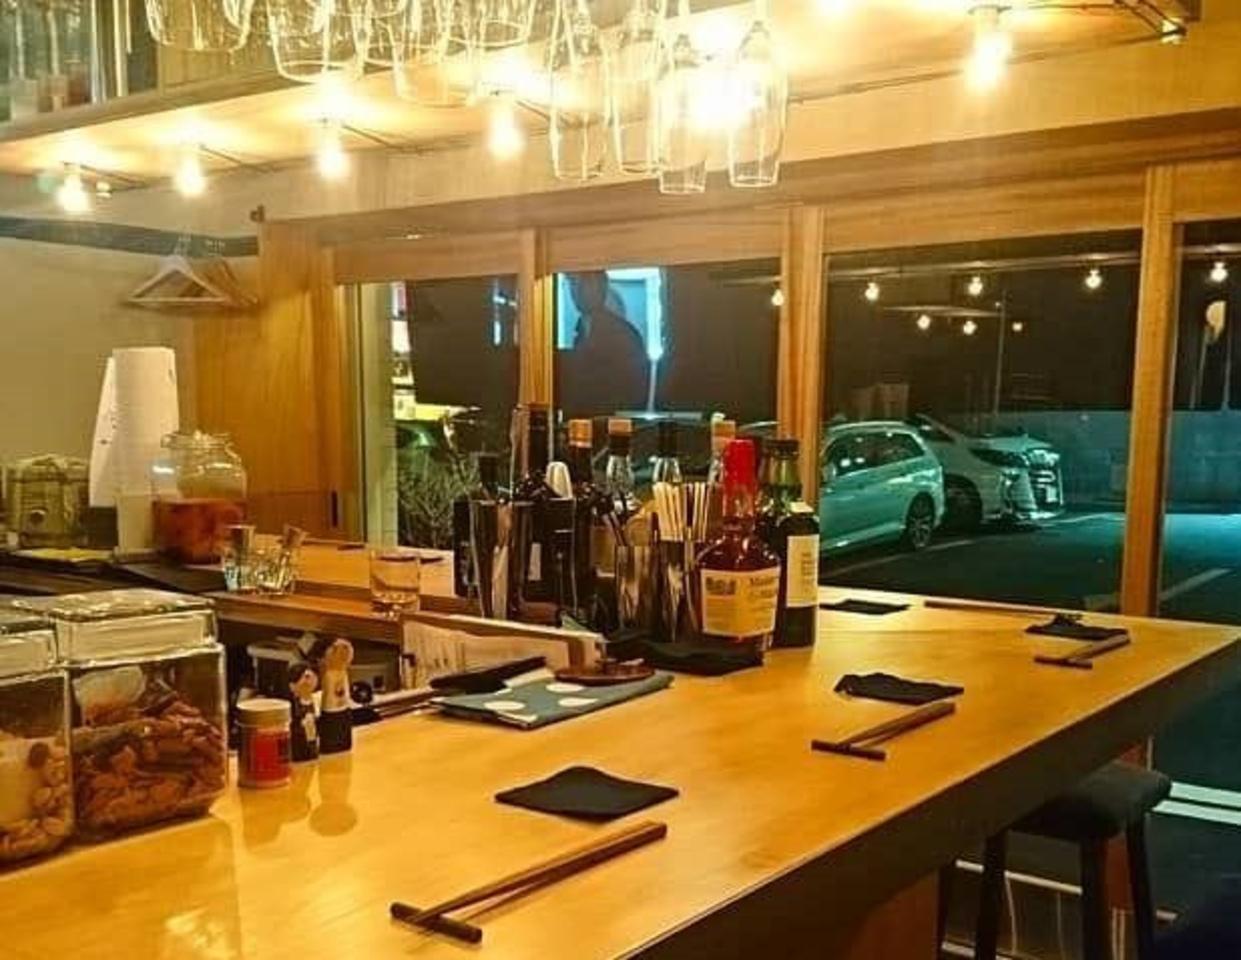 横浜市中区野毛町に酒場「金井商店」12/19にオープンされたようです。